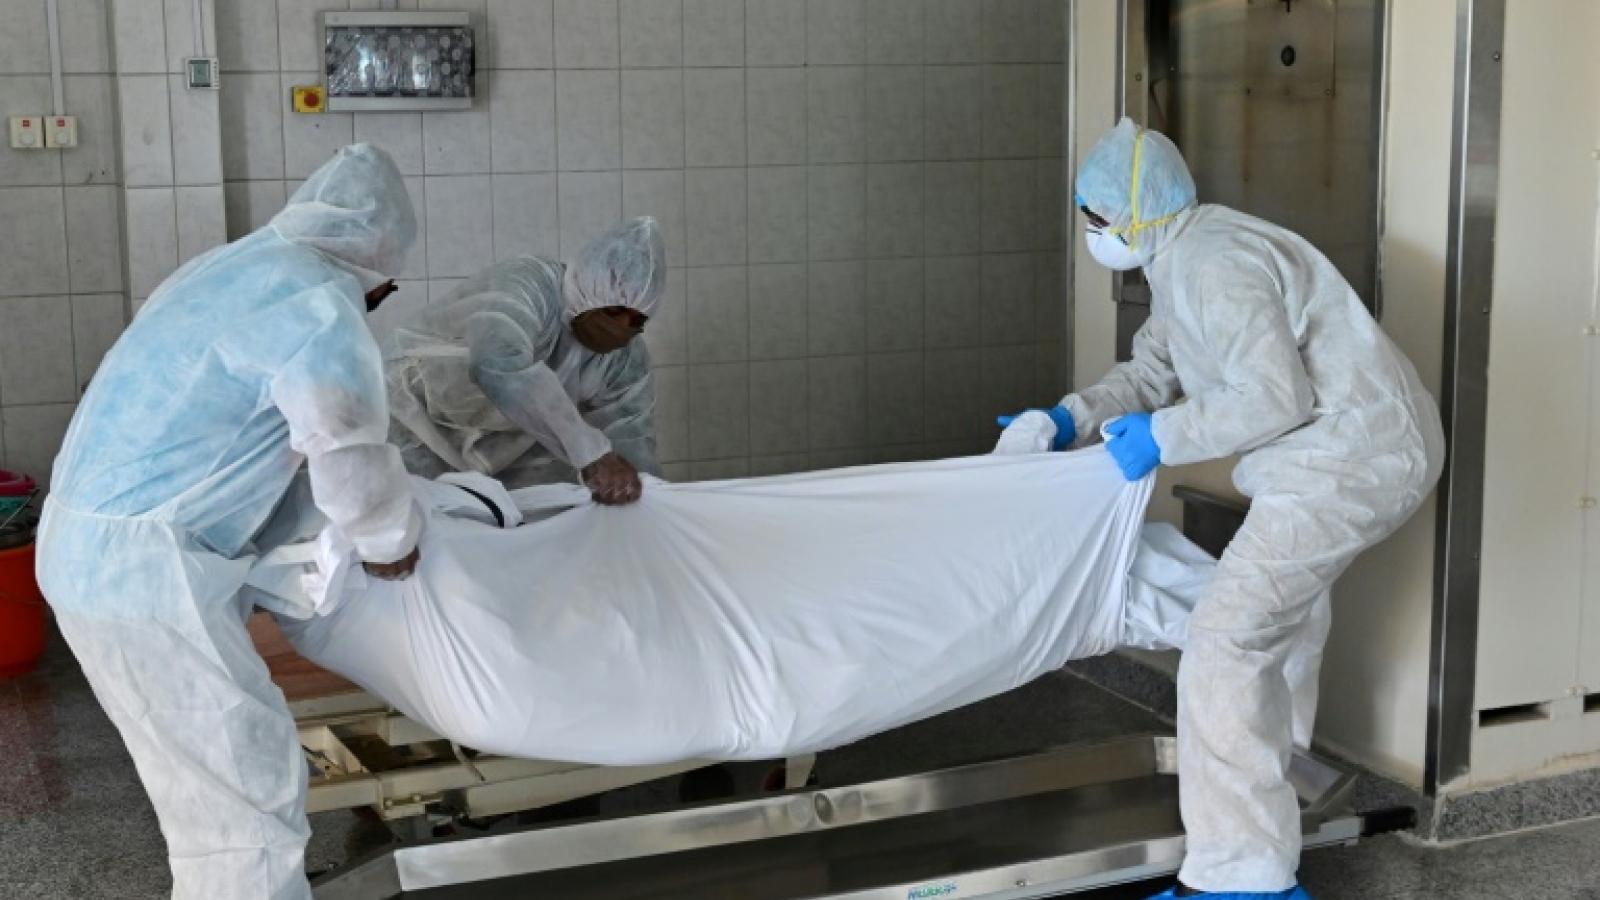 Hàn Quốc chi 200 triệu USD hỗ trợ 3 nước châu Á chống dịch Covid-19